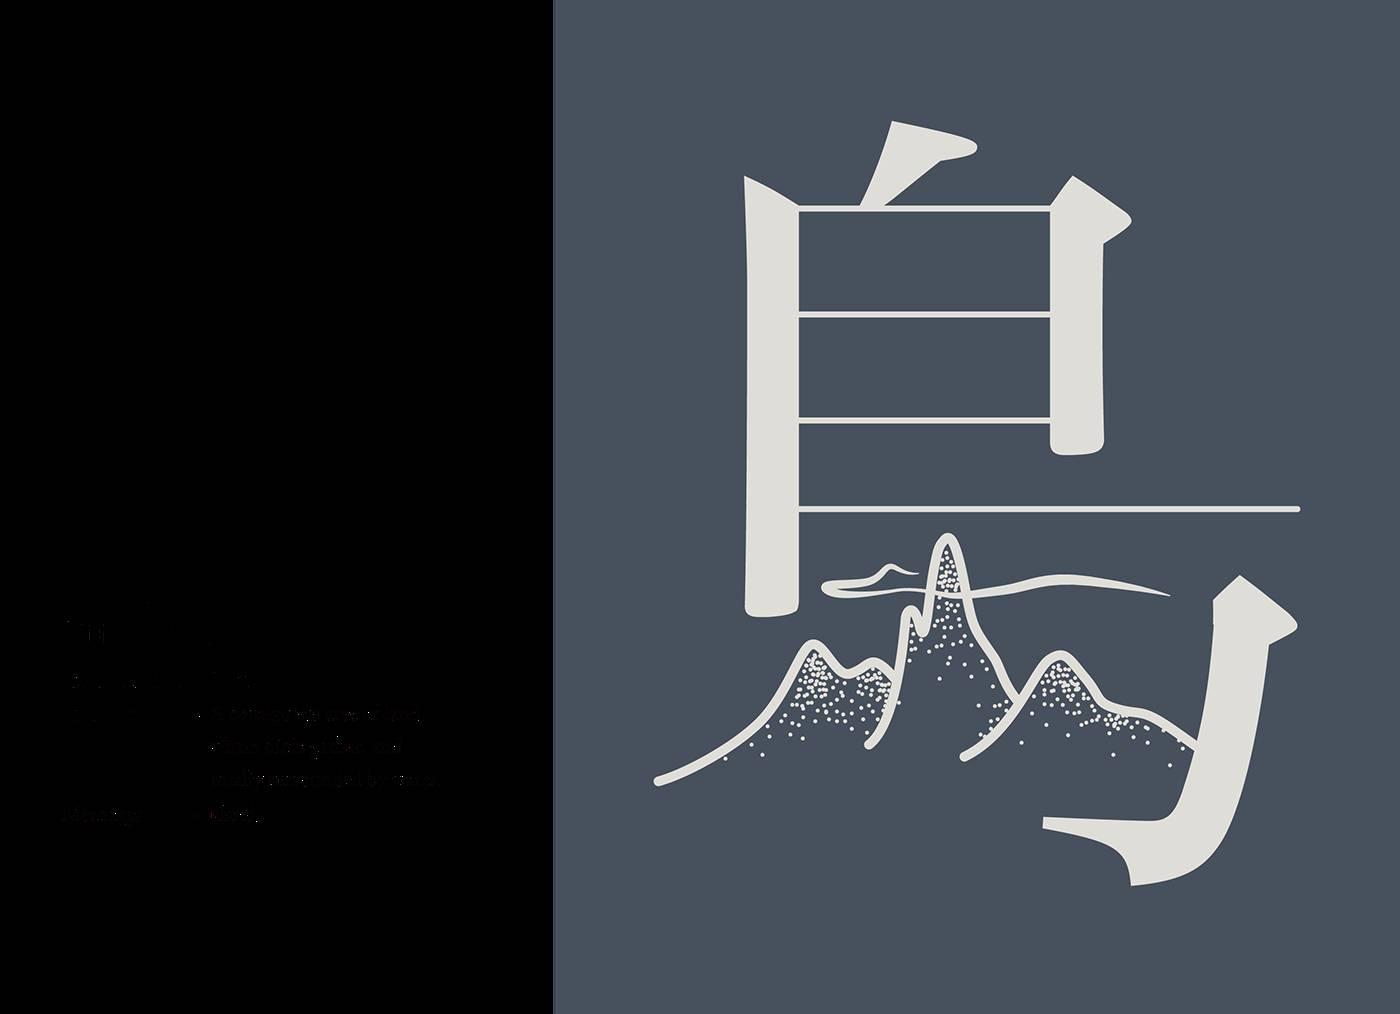 汉字创意|字体原则化设计实验民族文化景观设计的图形图片